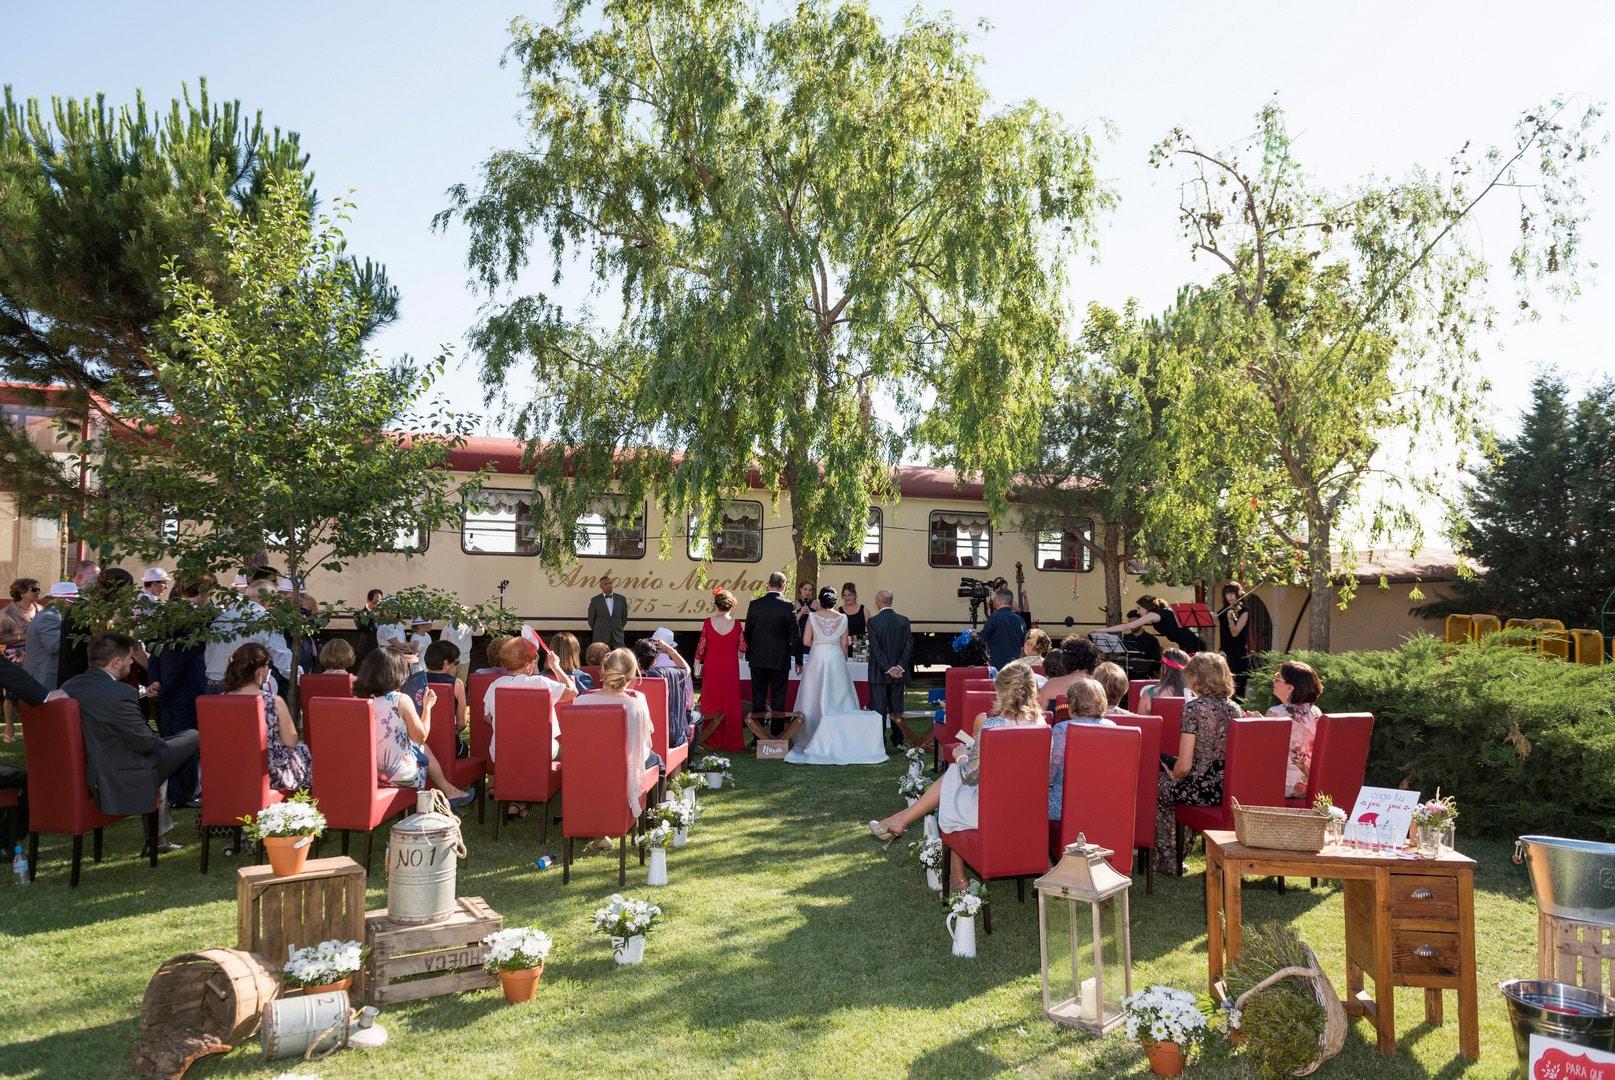 ceremonia ZAZU-boda-divertida-en-rojo-Segovia UNA BODA DIVERTIDA EN SEGOVIA